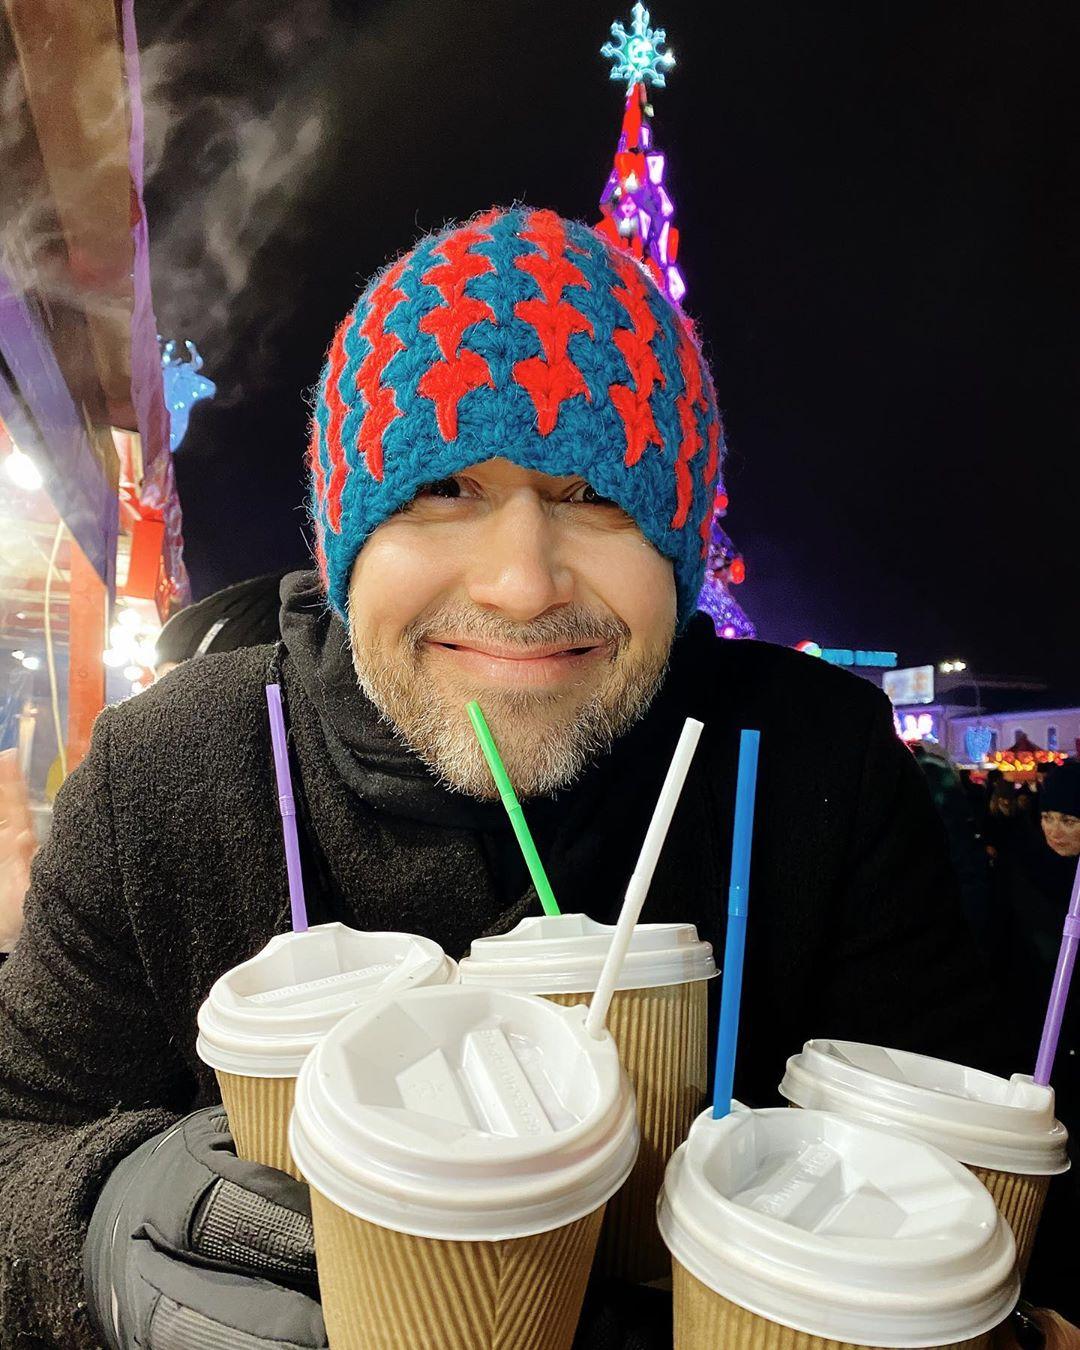 Его первый снег: Сергей Бабкин умилил Сеть снимком с младшим сыном